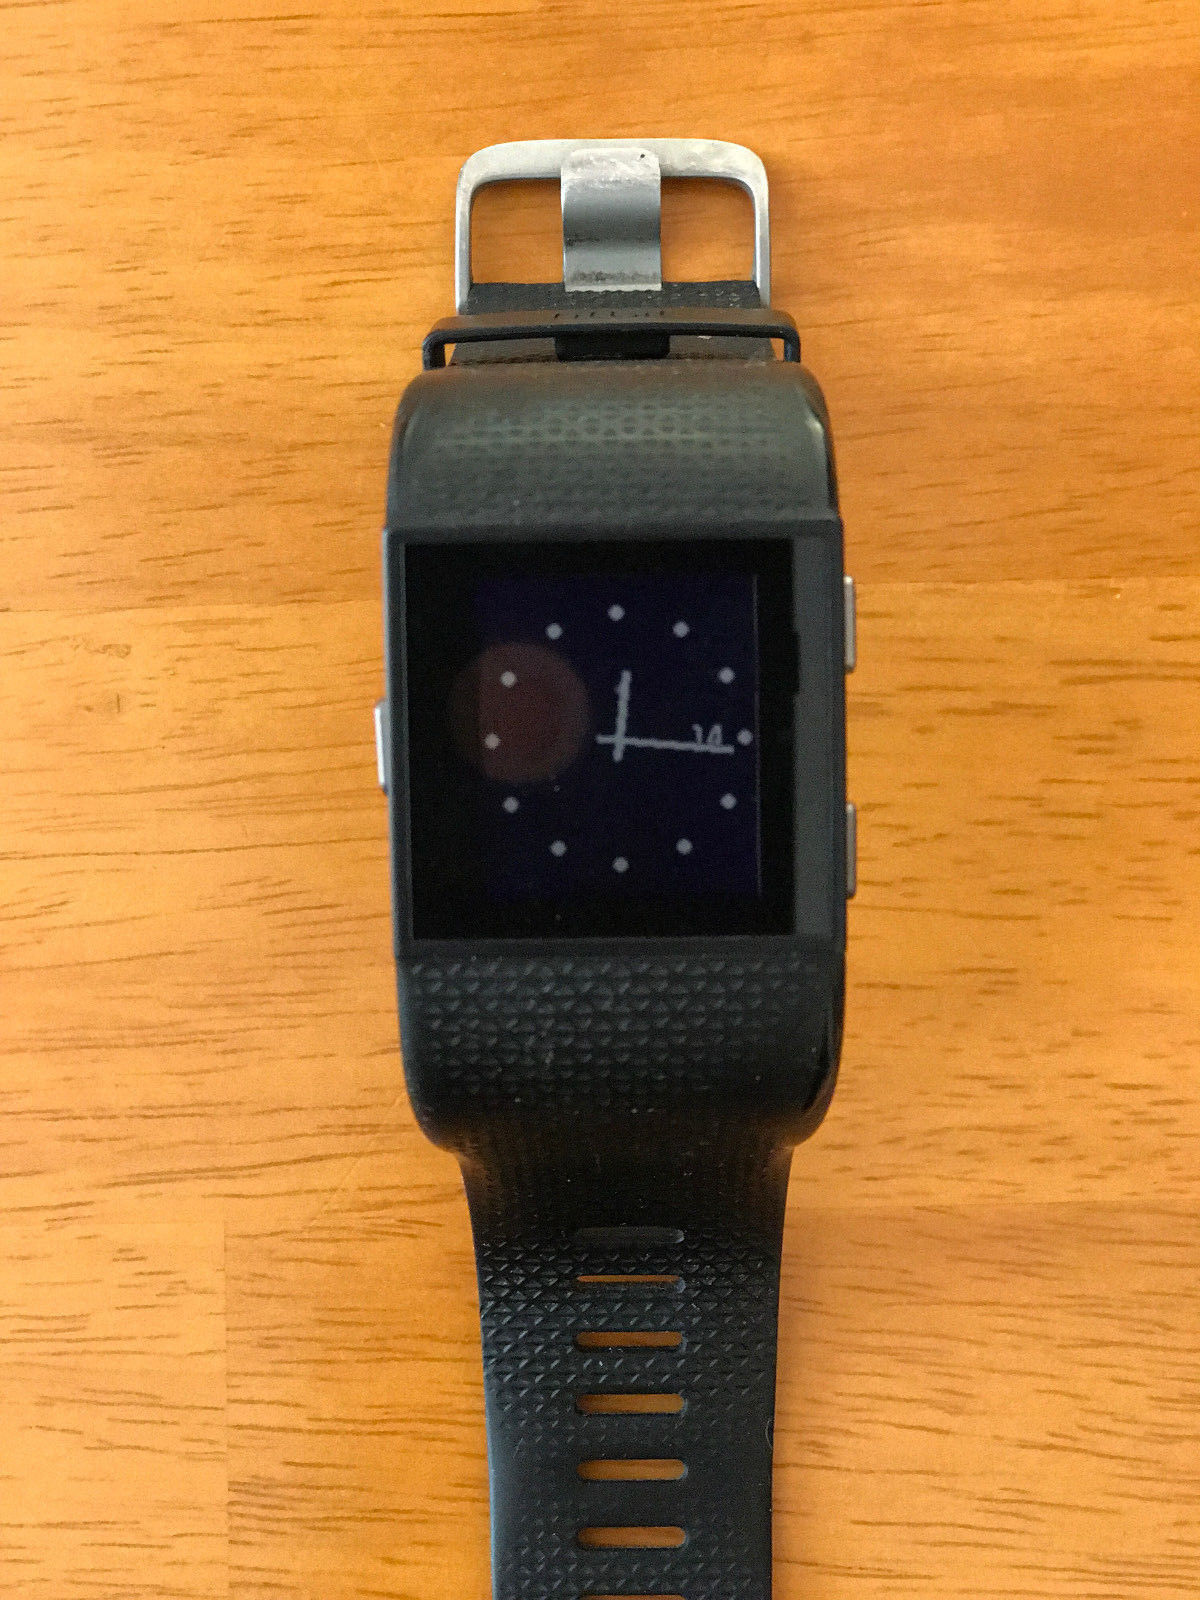 Fitbit Surge, Gr. S, Schwarz - sehr guter Zustand, keine Kratzer